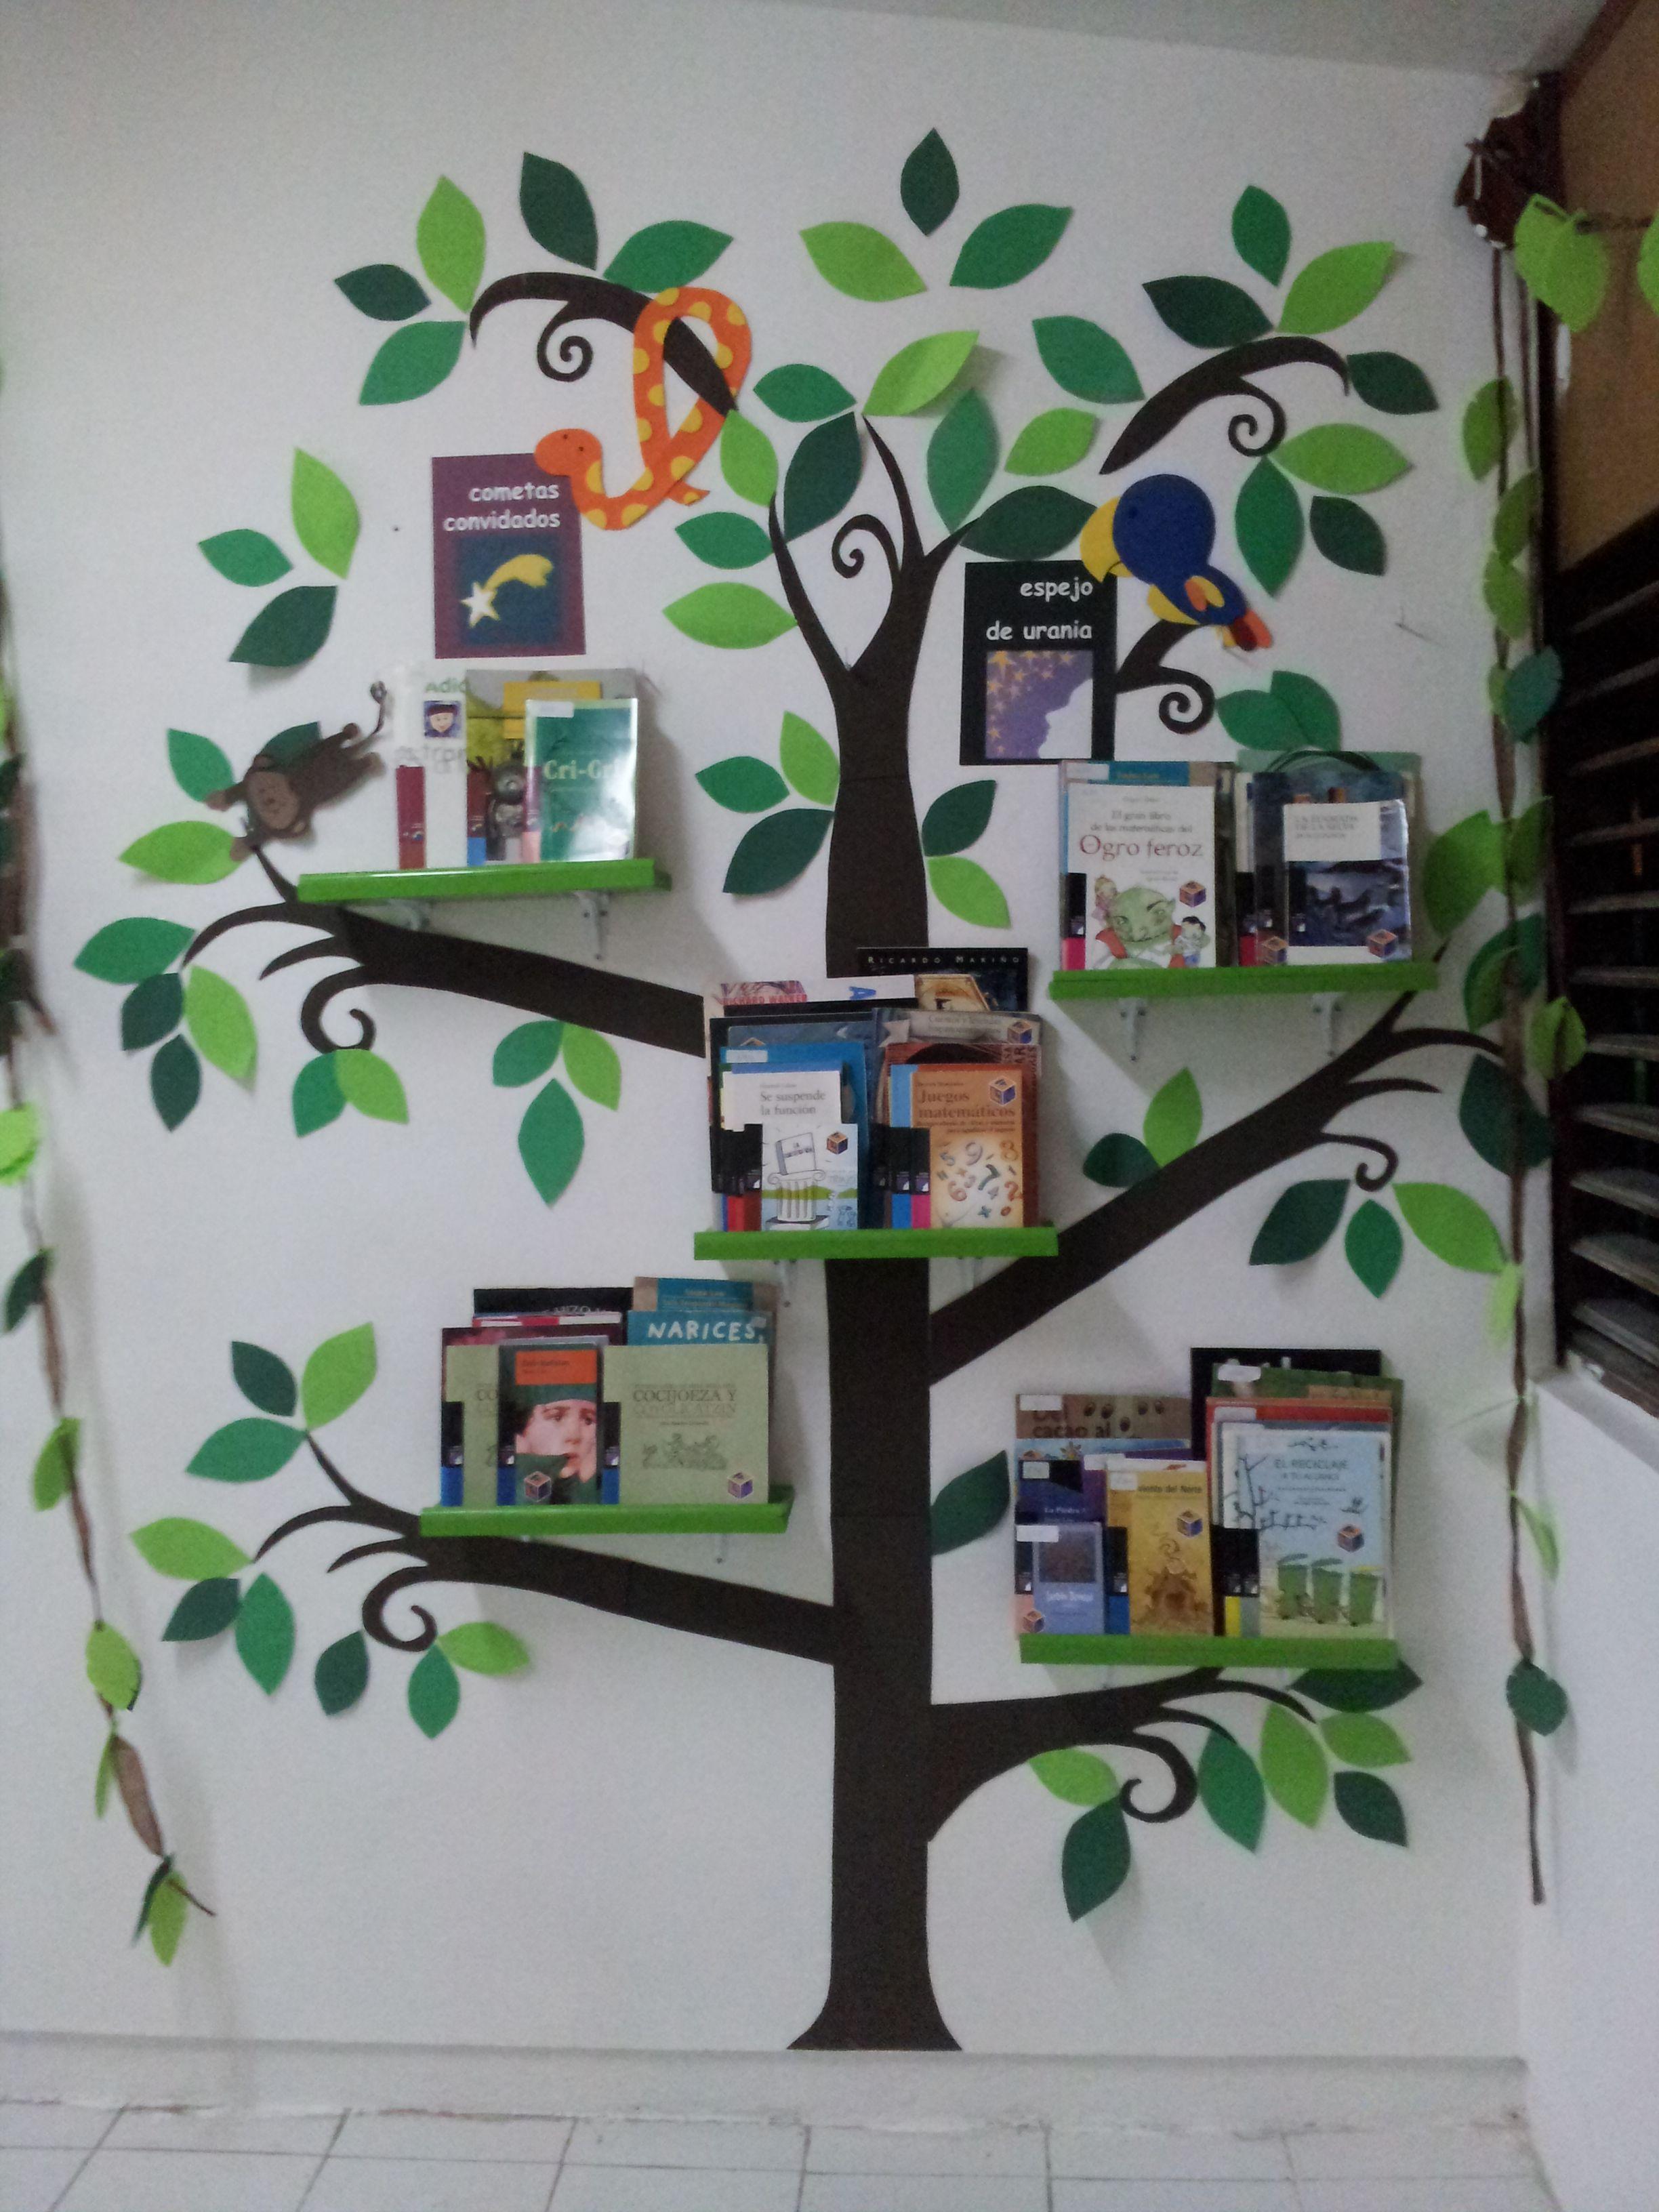 20 ideas para decorar montar y preparar tu biblioteca de for Tipos de arboles decorativos